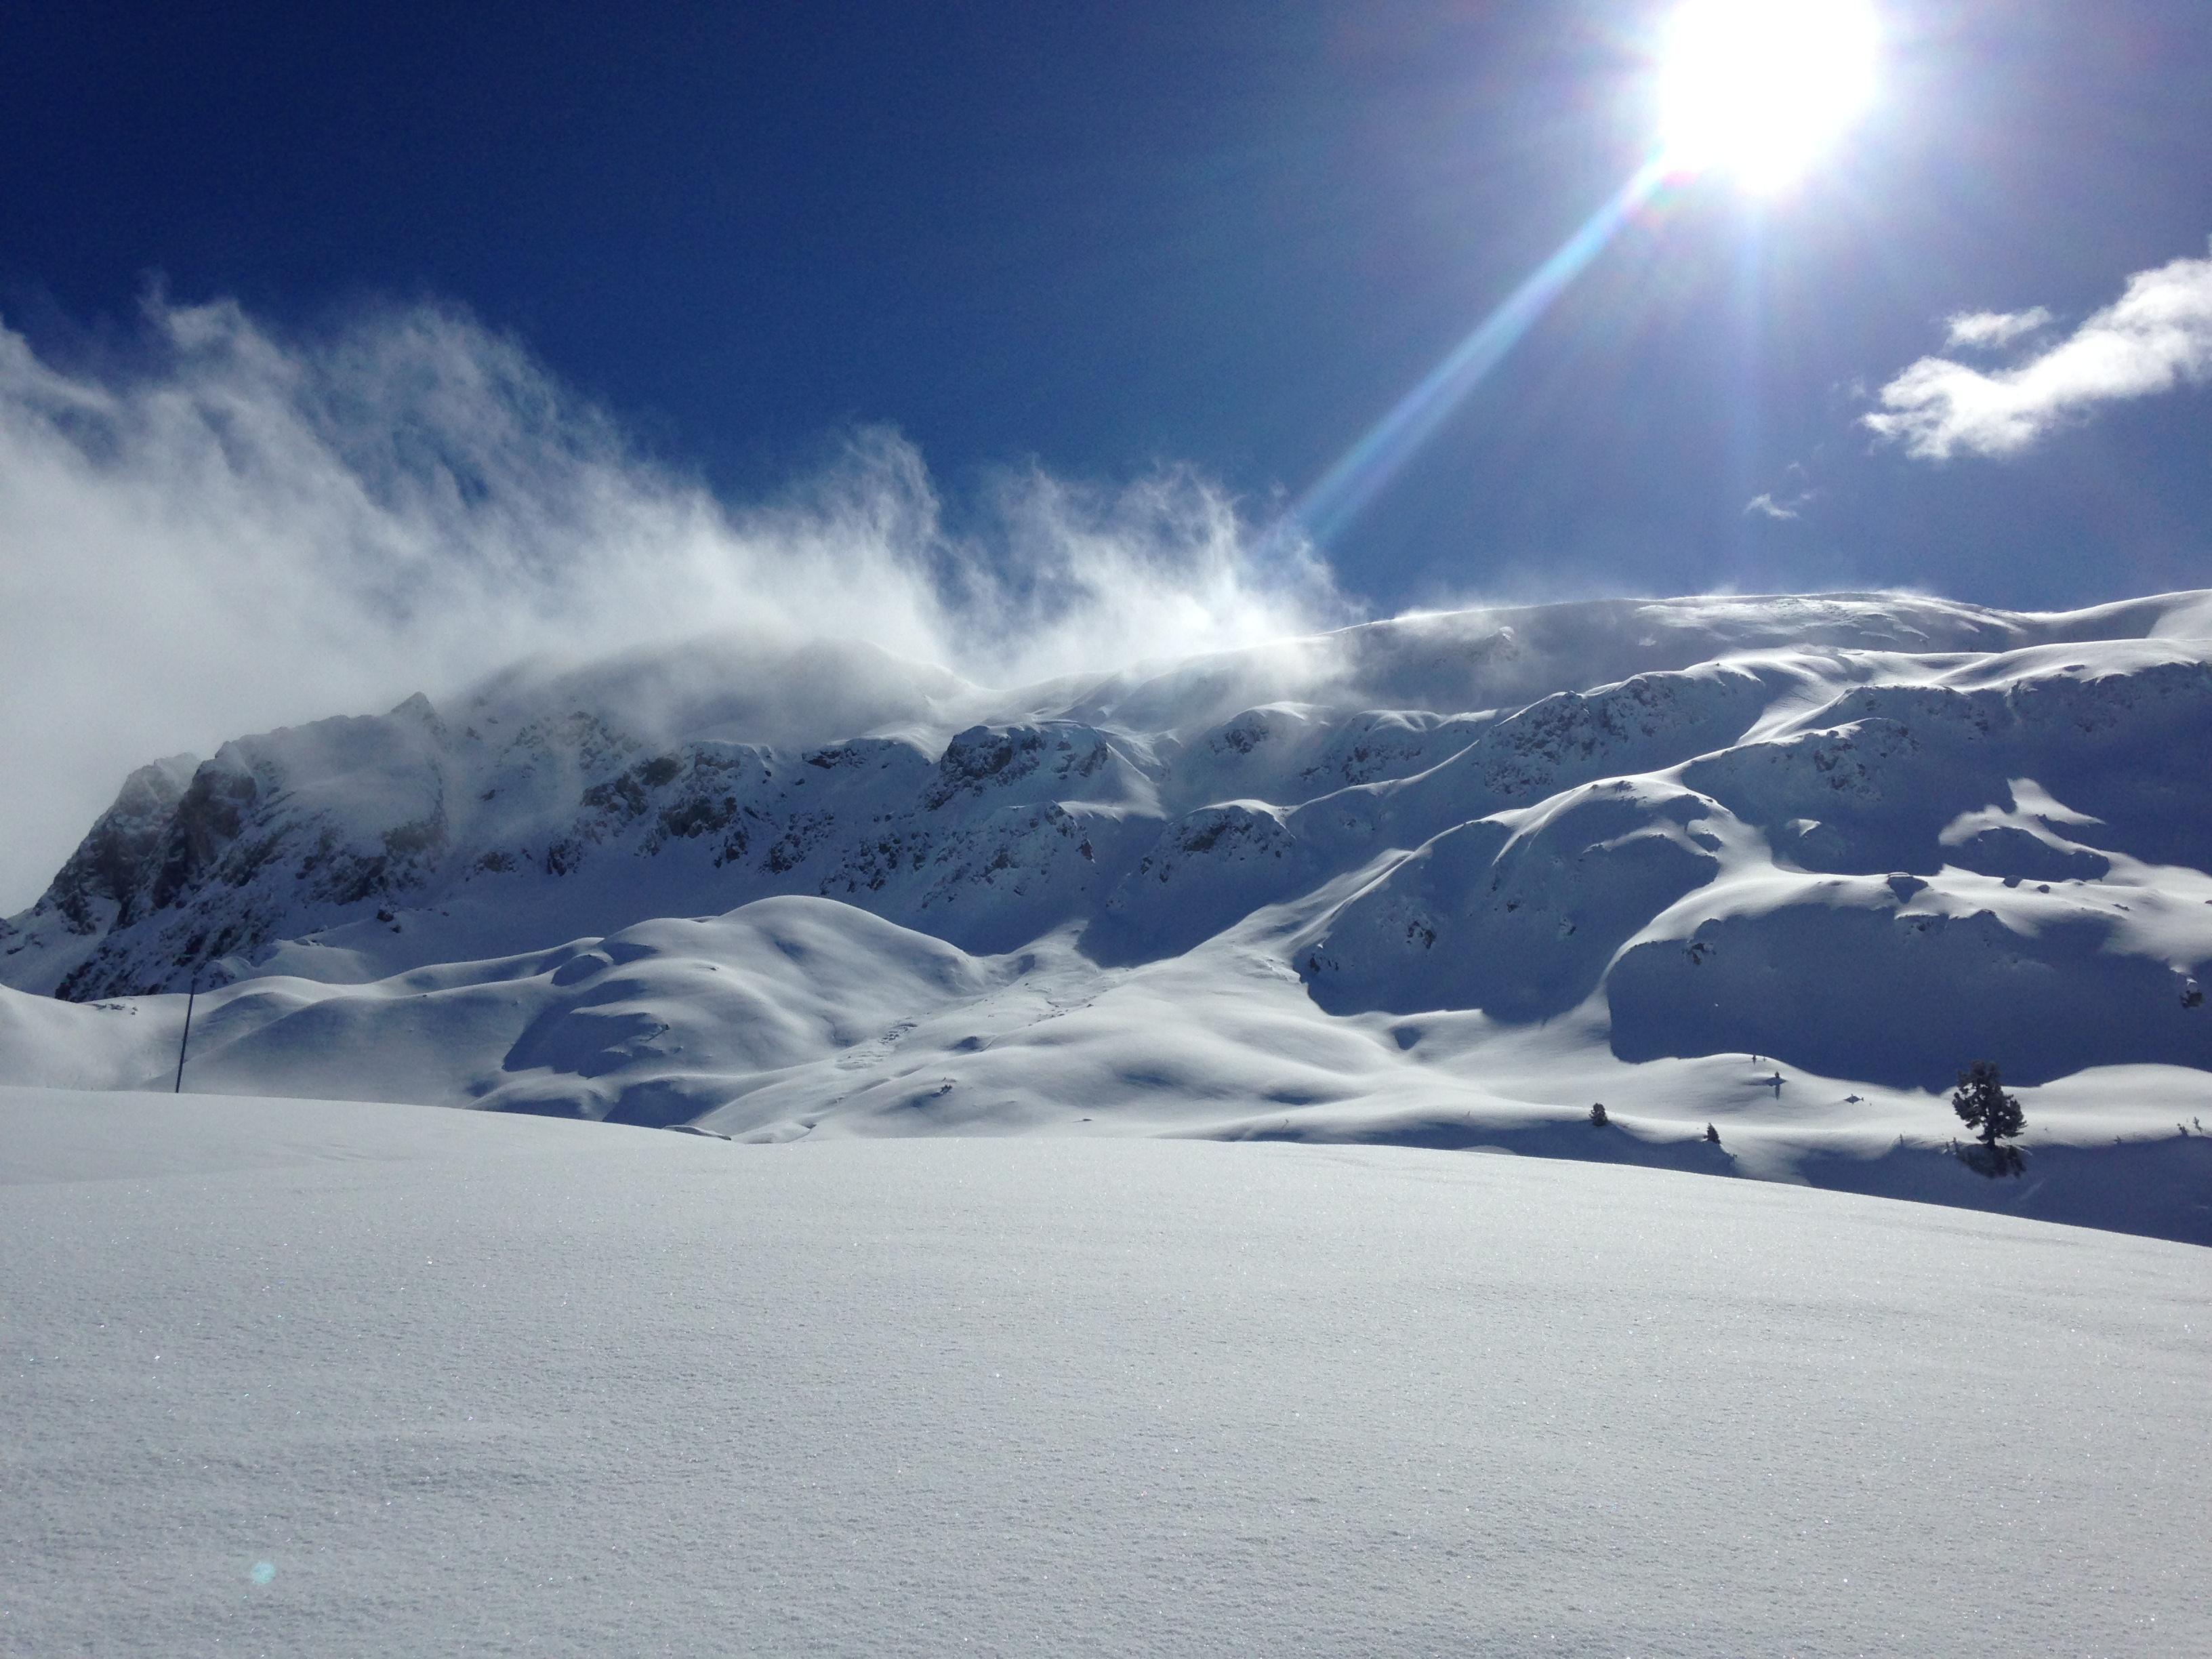 Cours de ski Adultes dès 16 ans - Avancé